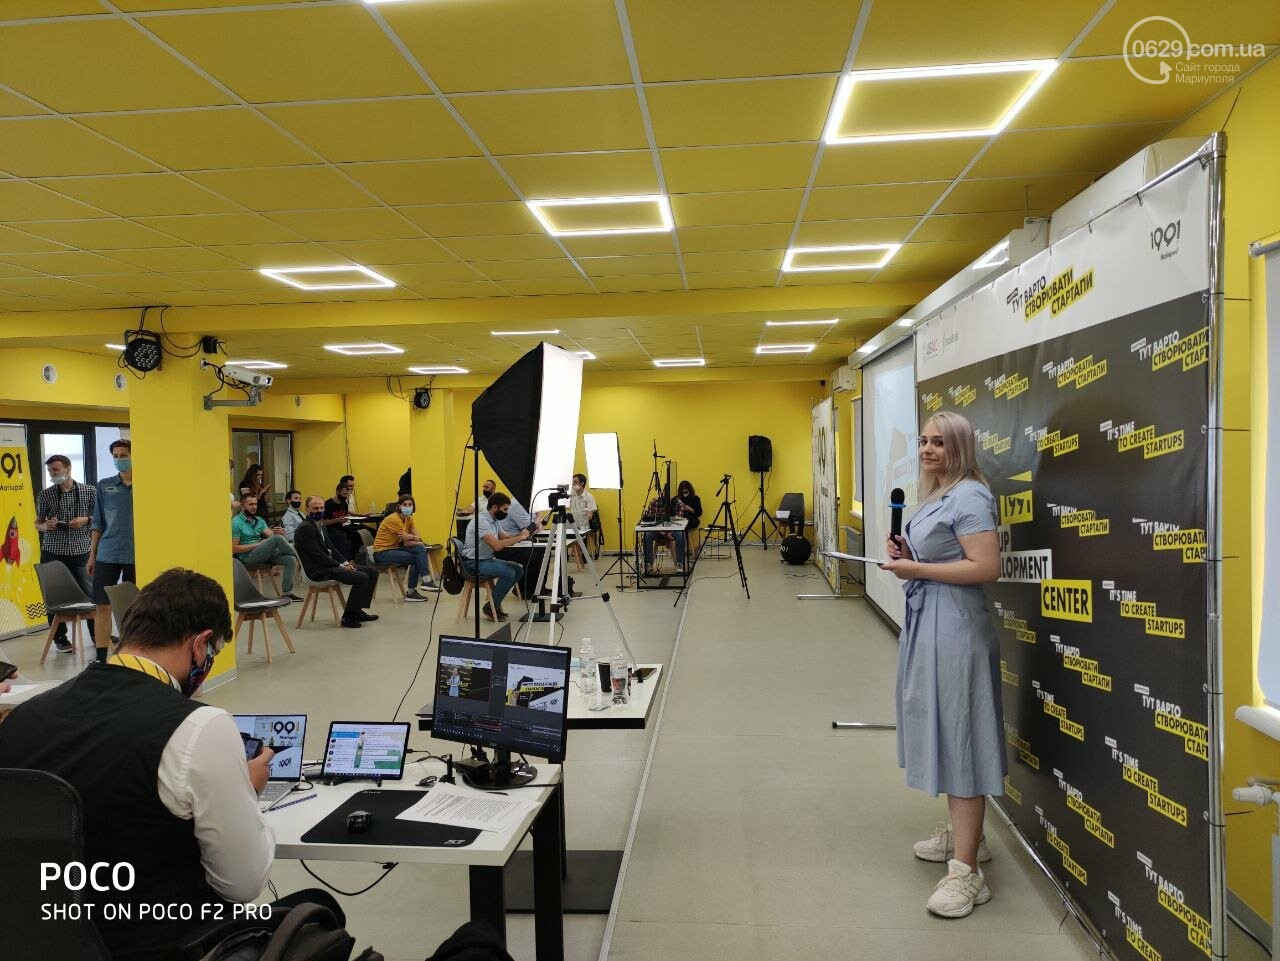 В Мариуполе стартаперы получили 100 тысяч гривен на создание уникального сервиса, - ФОТО, фото-7